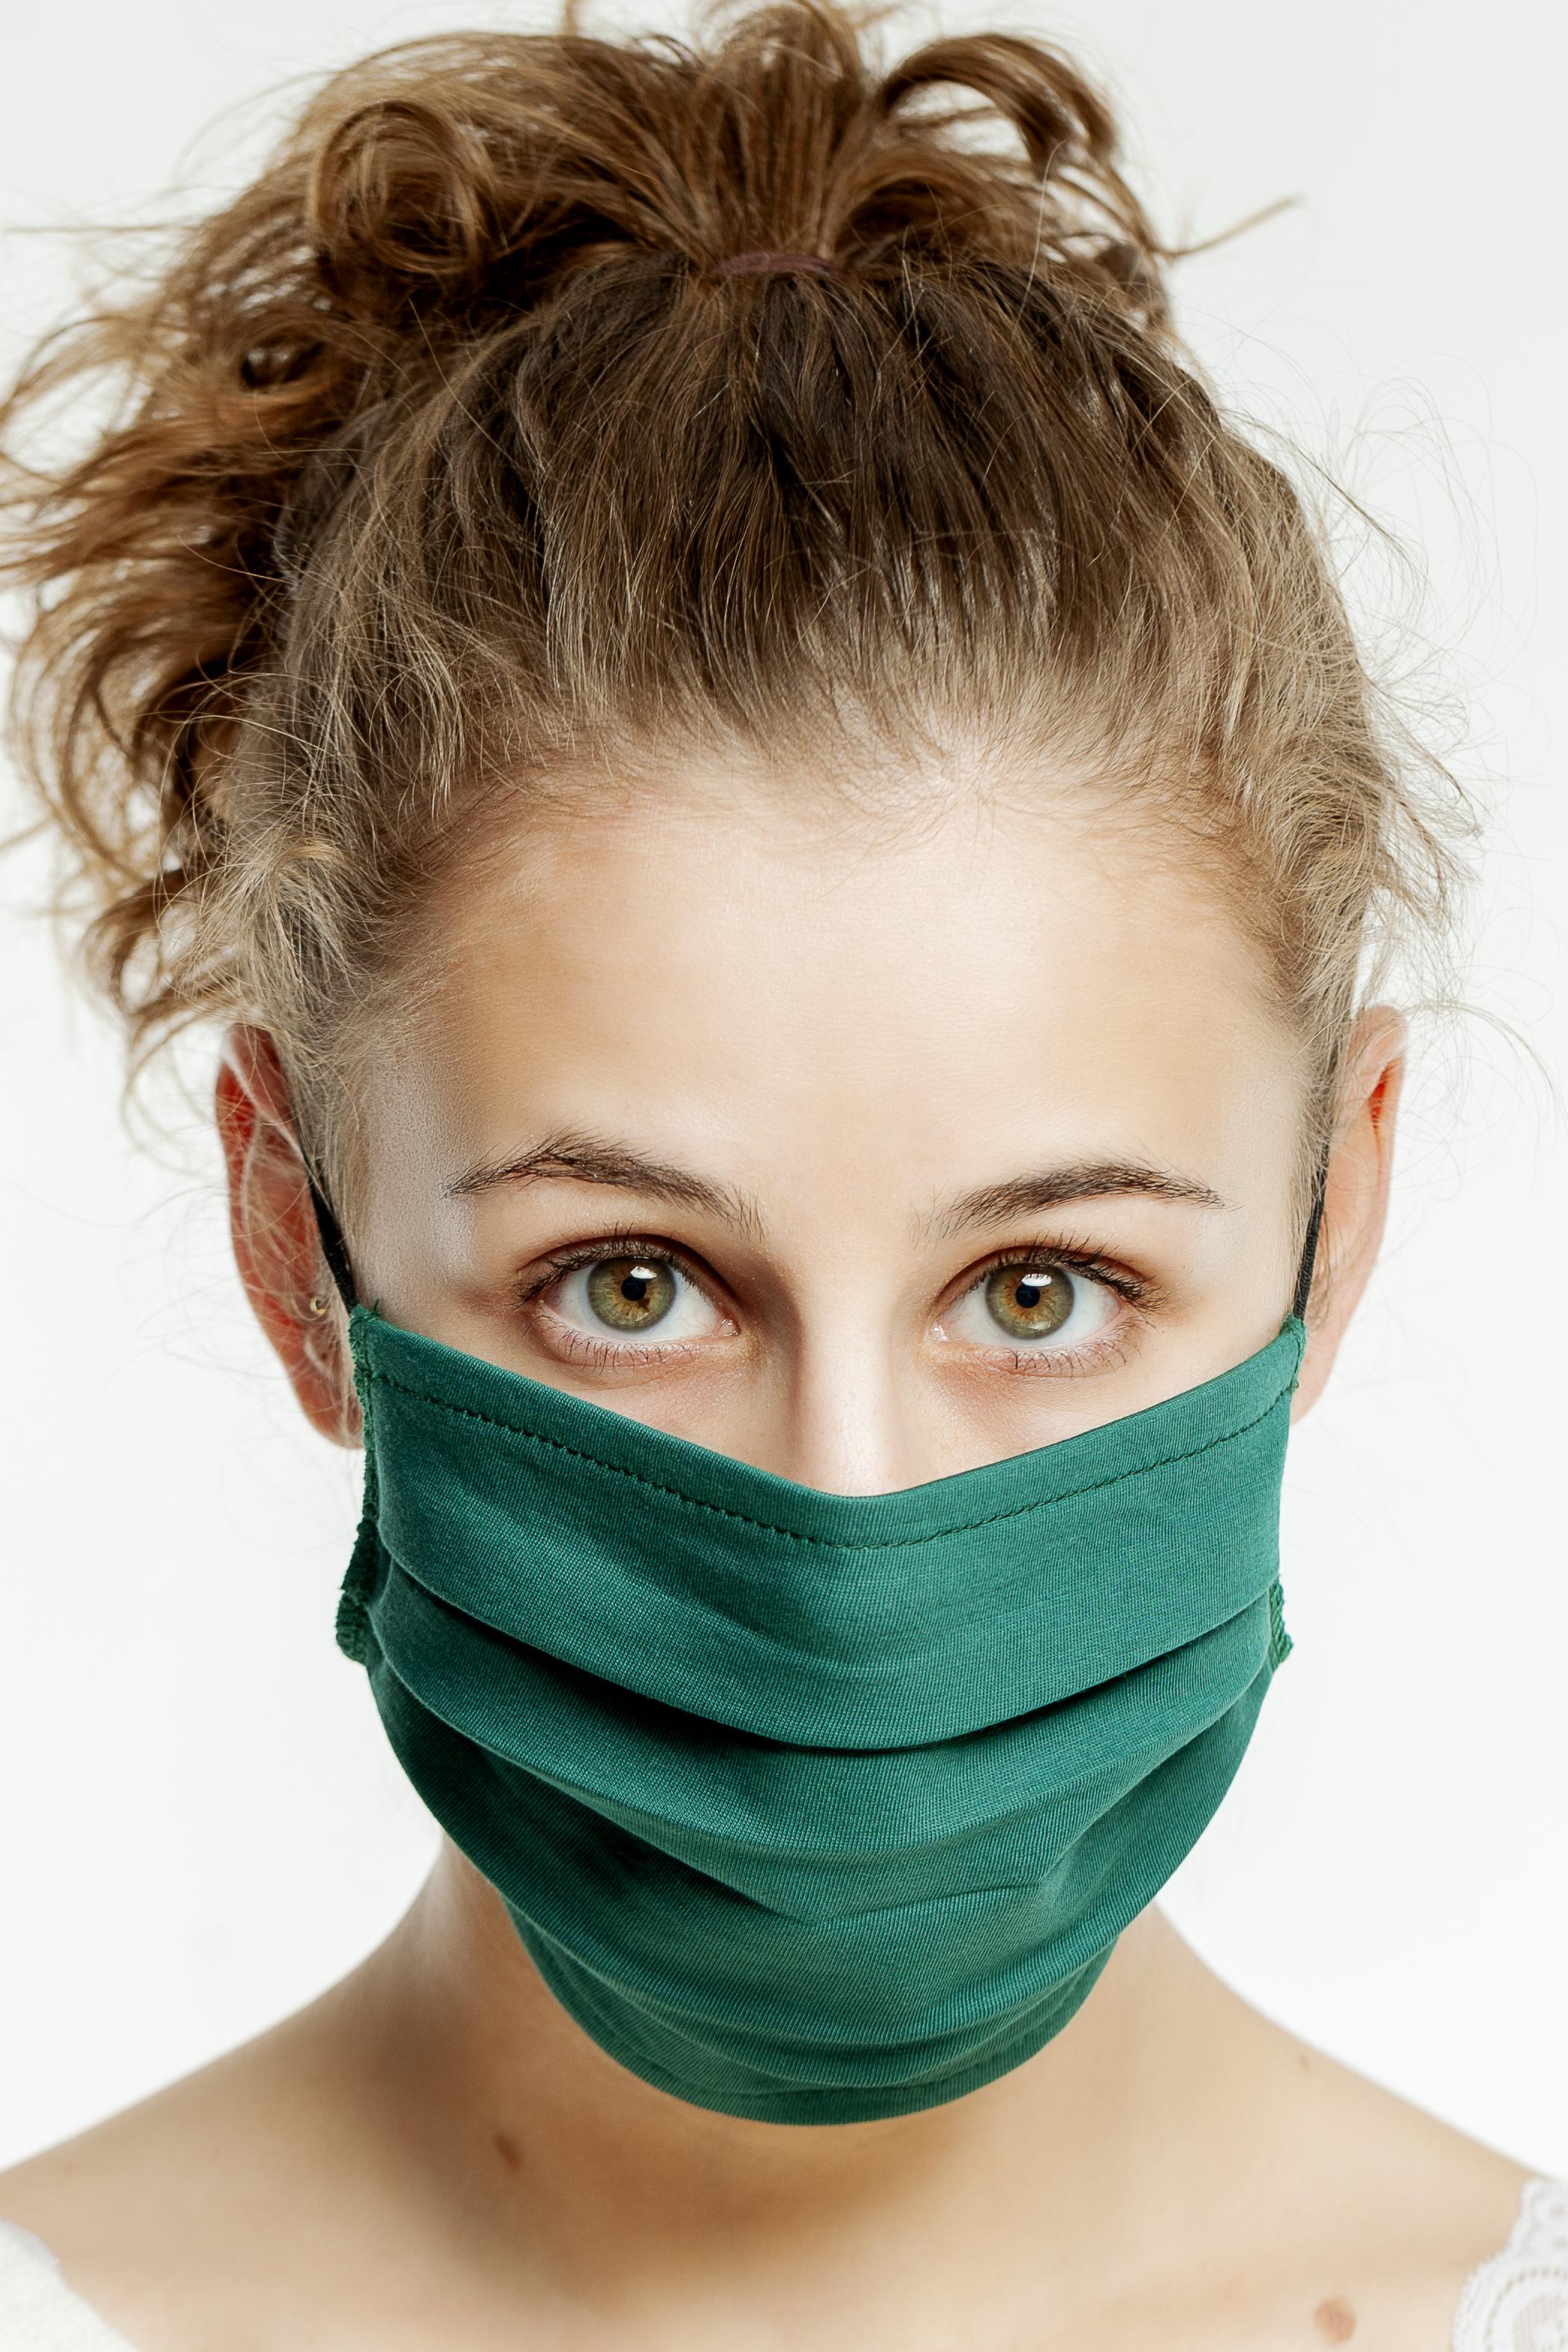 hochwertige Mund- und Nasenmasken grün